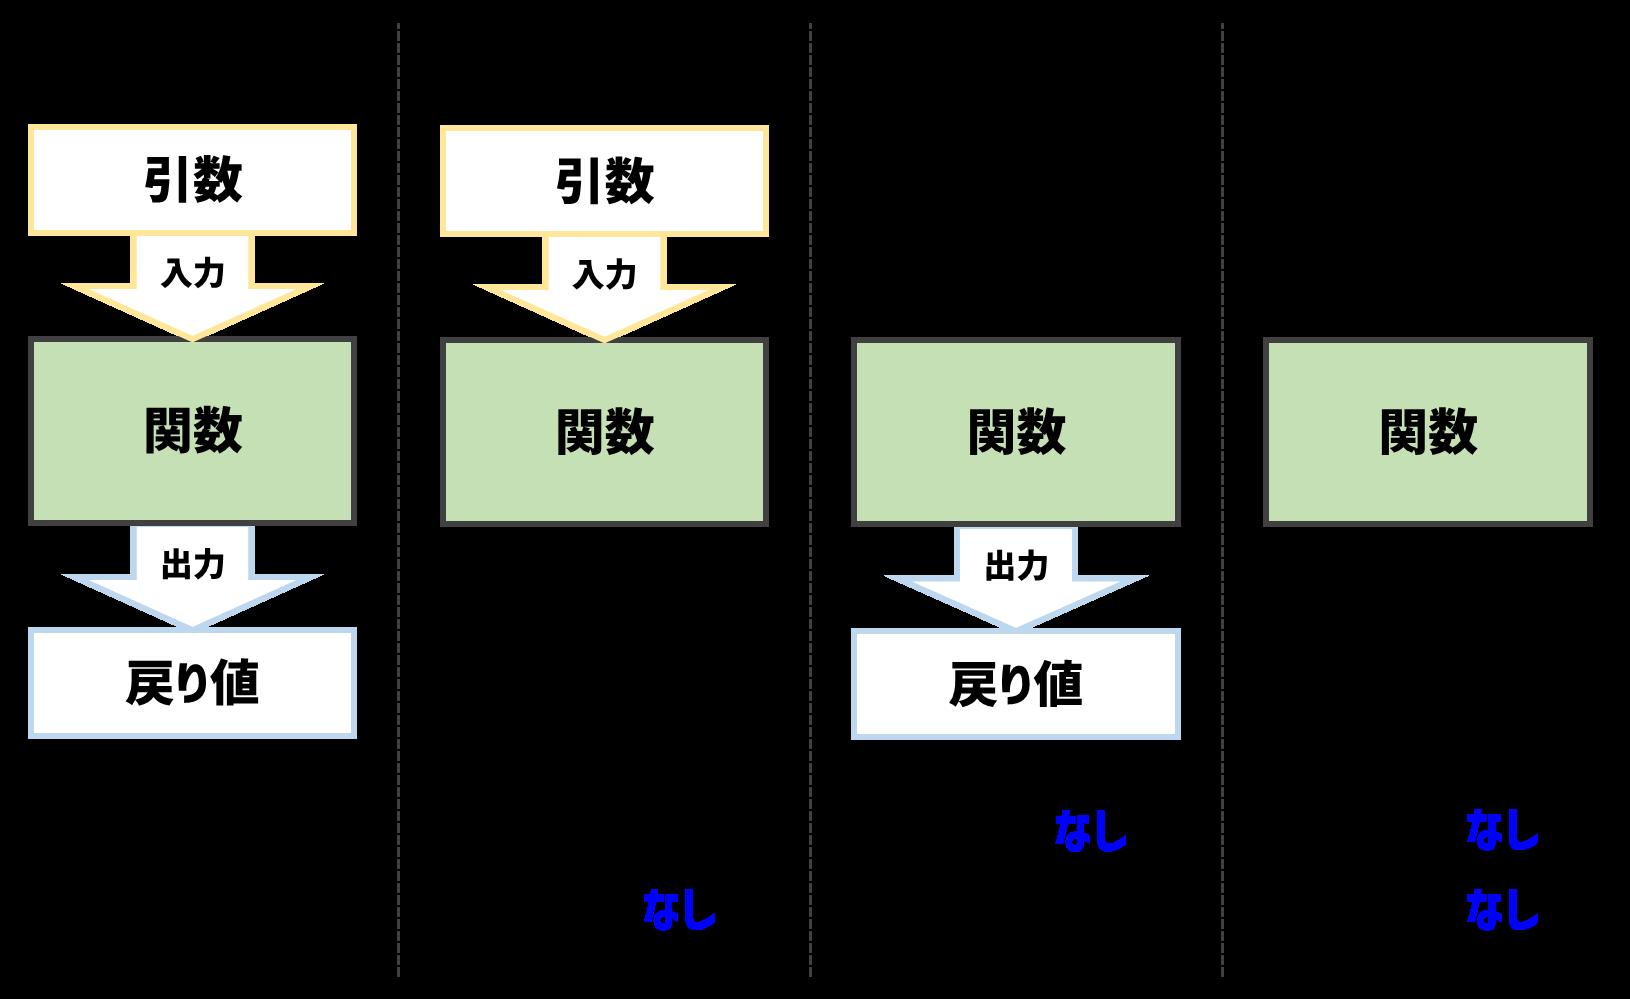 入出力のパターン